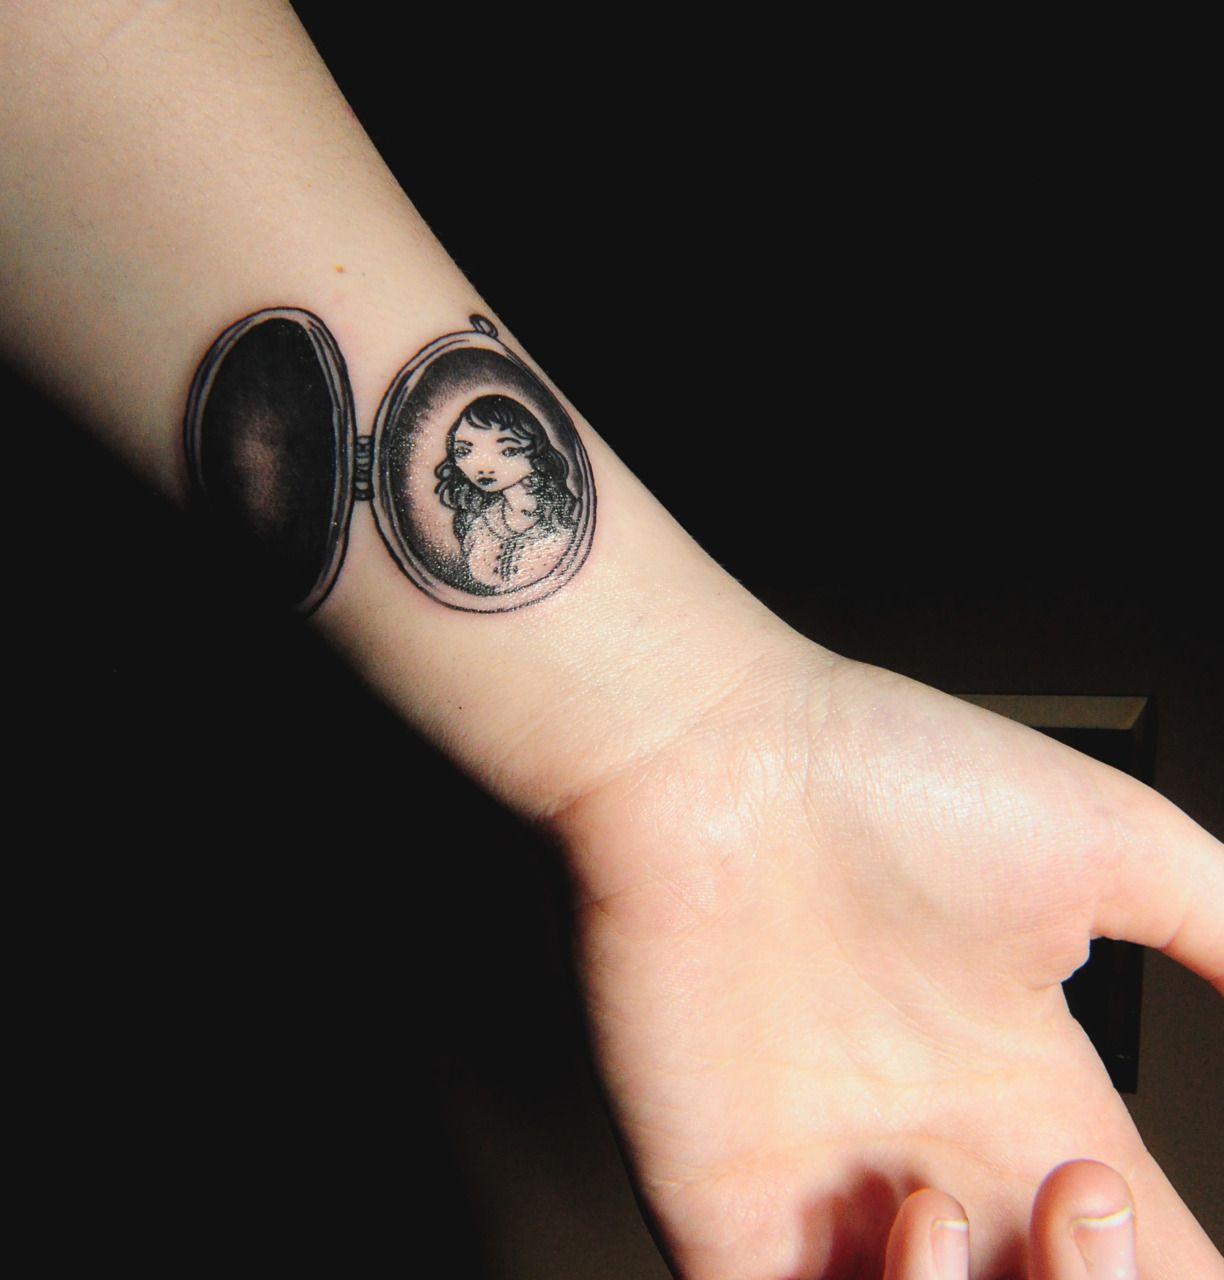 Coolest Tatt